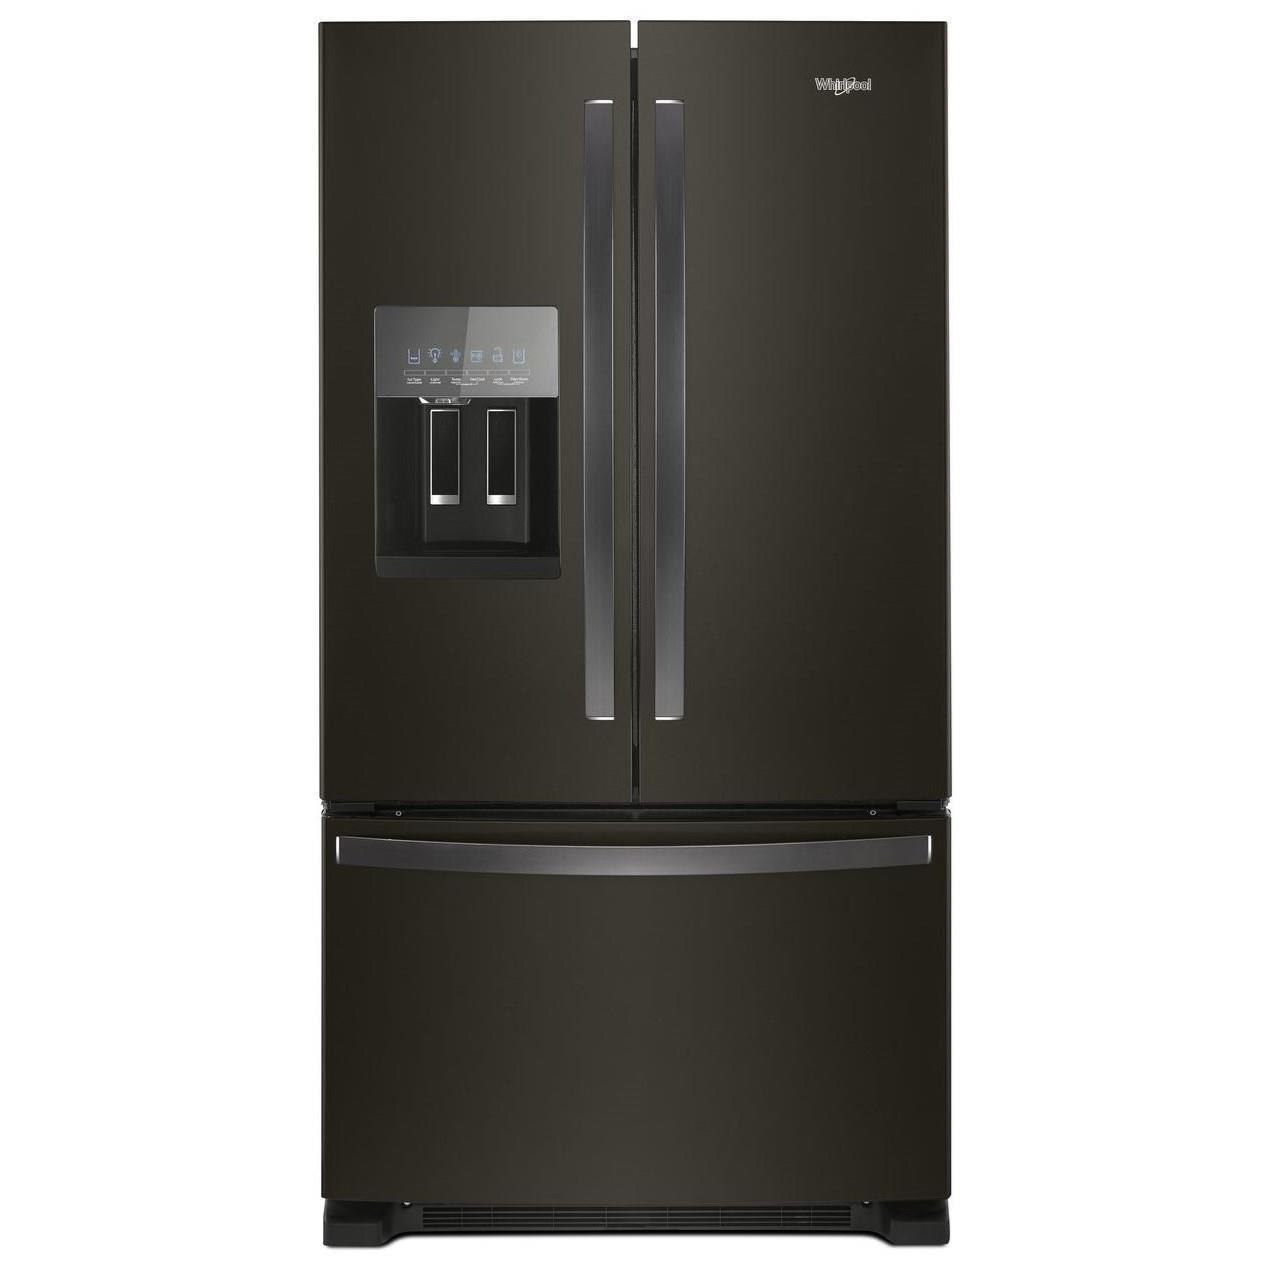 36 Inch Wide French Door Refrigerator In Fingerprint